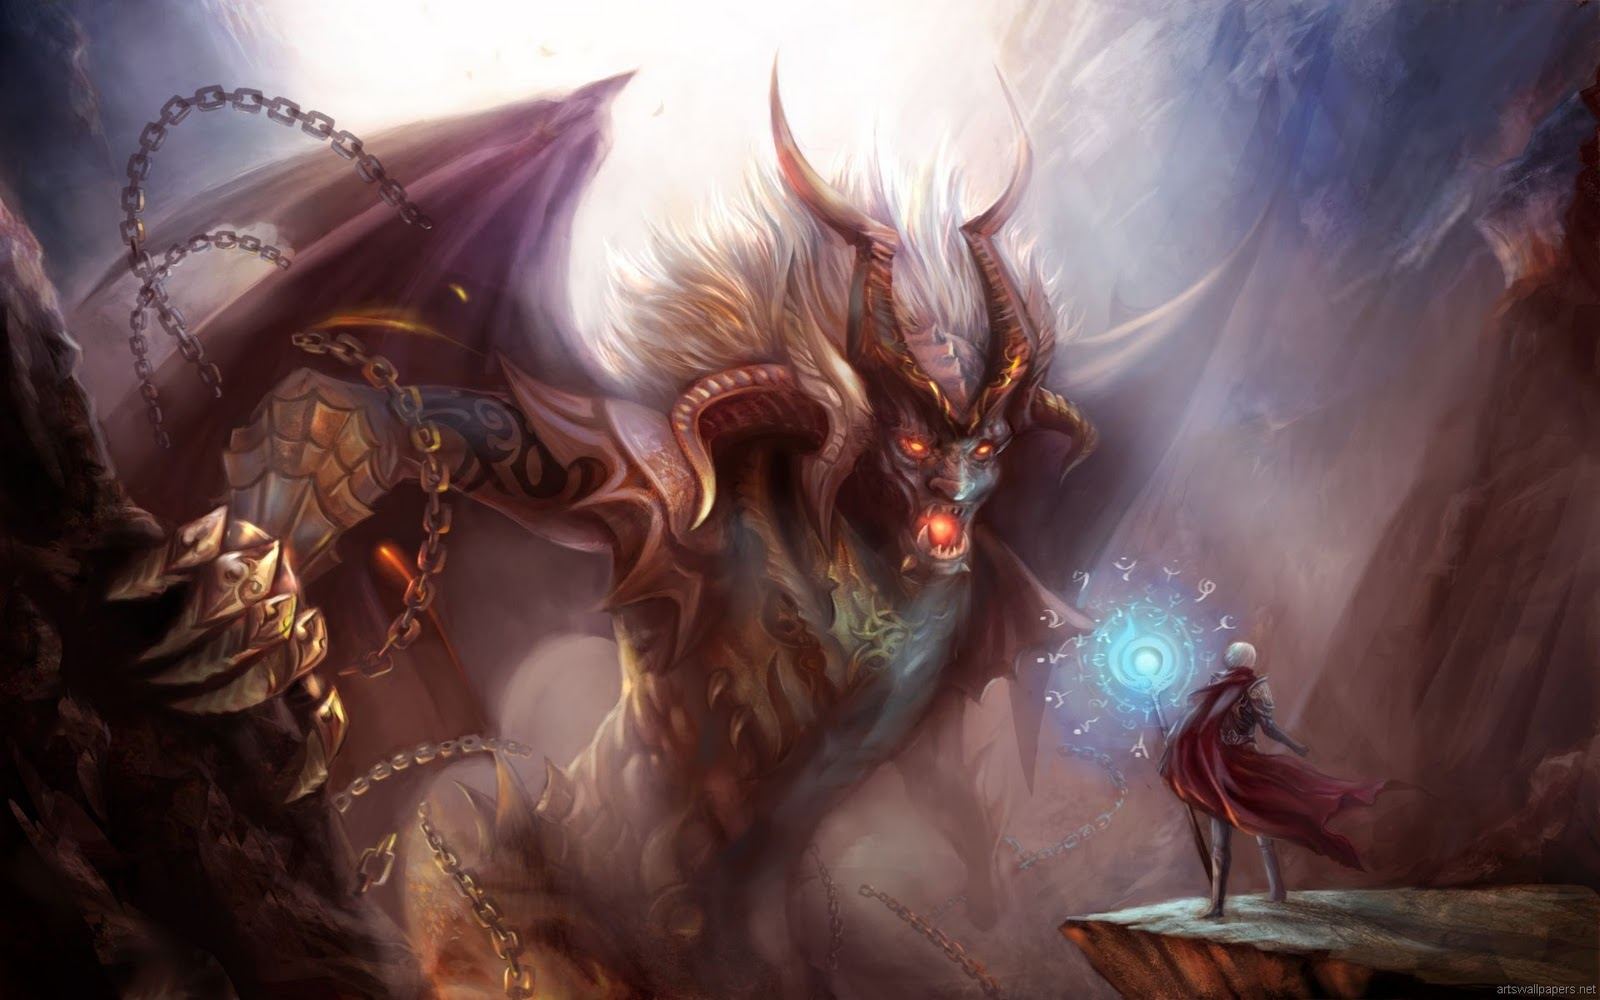 God Vs Devil Wallpaper Devil vs demon - viewing